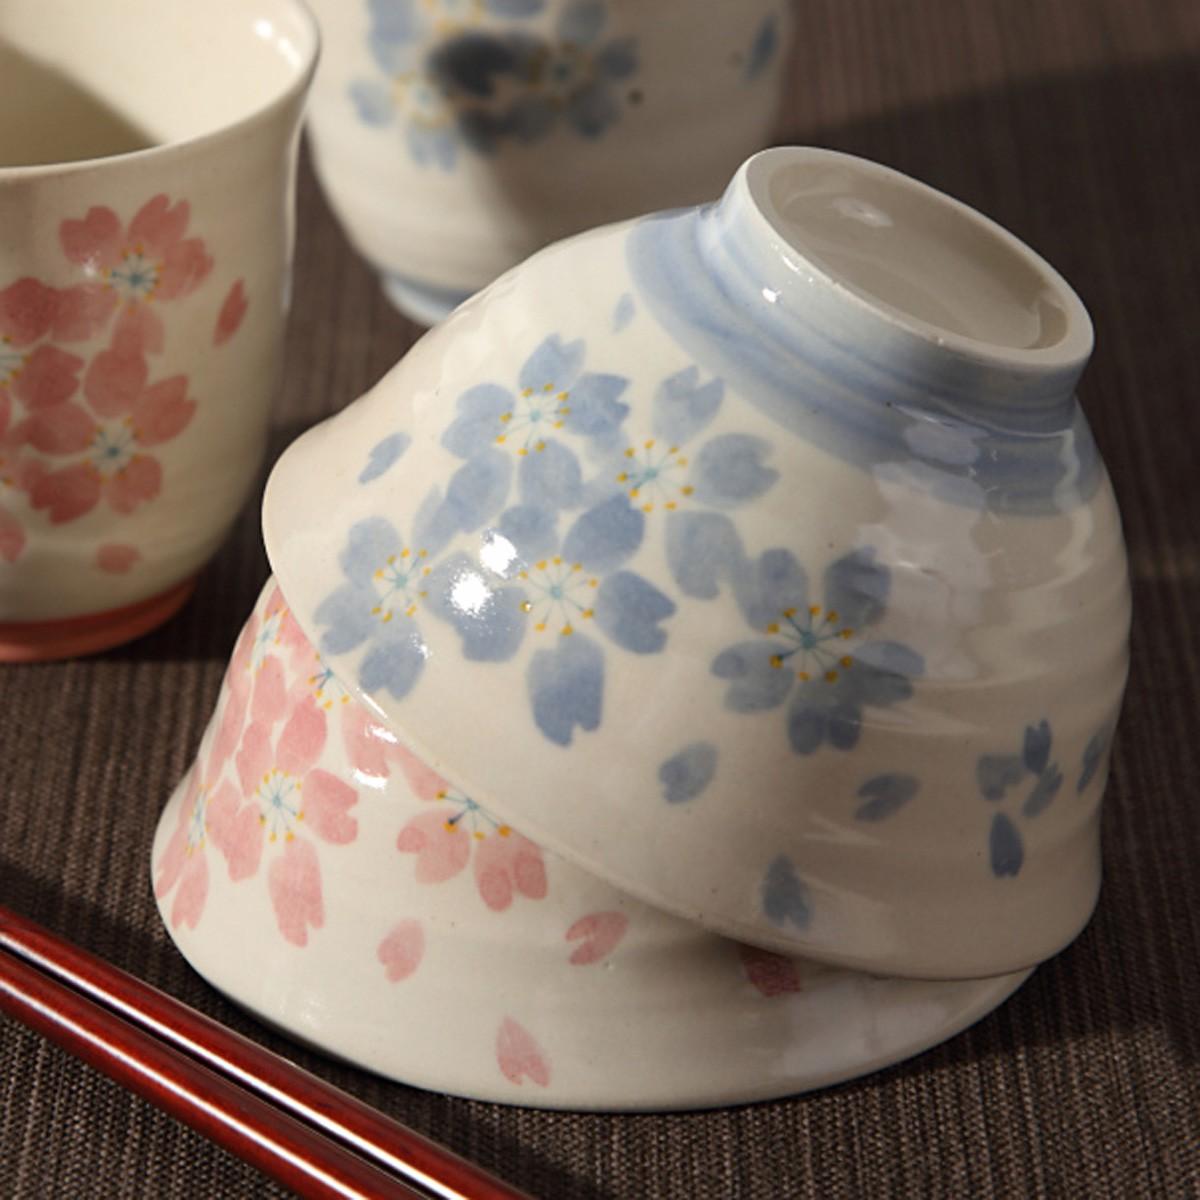 茶碗 お茶碗 軽い 飯碗 桜 さくら サクラ おしゃれ 日本製 なごみ桜 軽い茶碗